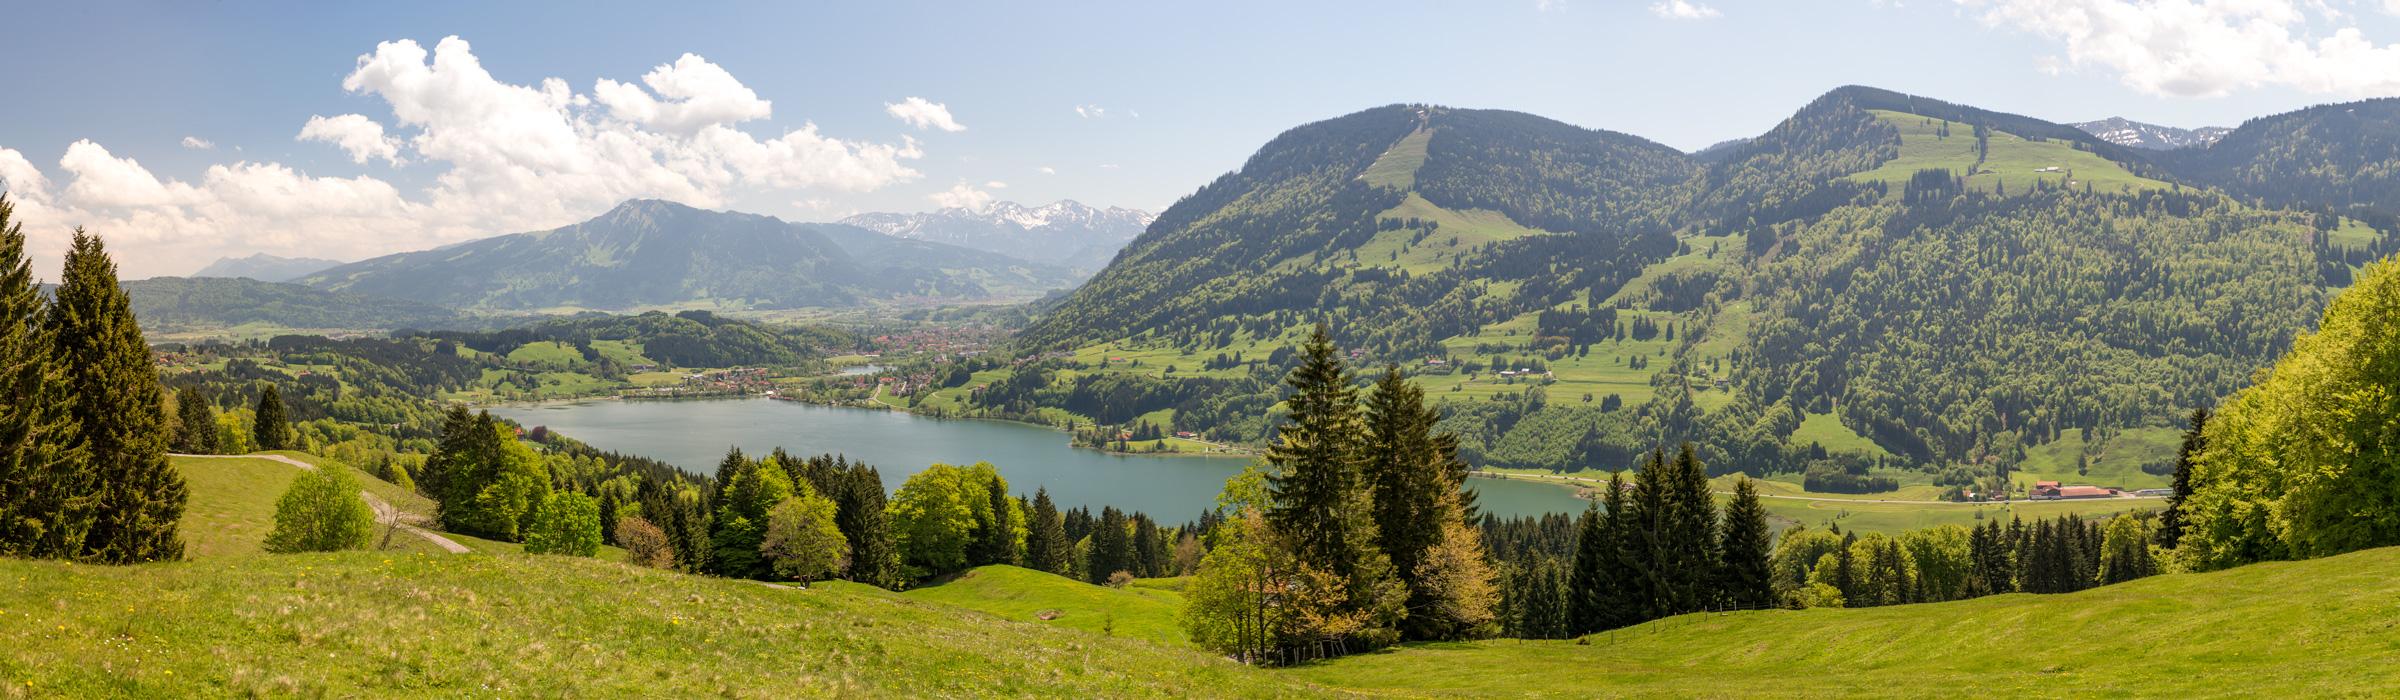 GrosserAlpsee